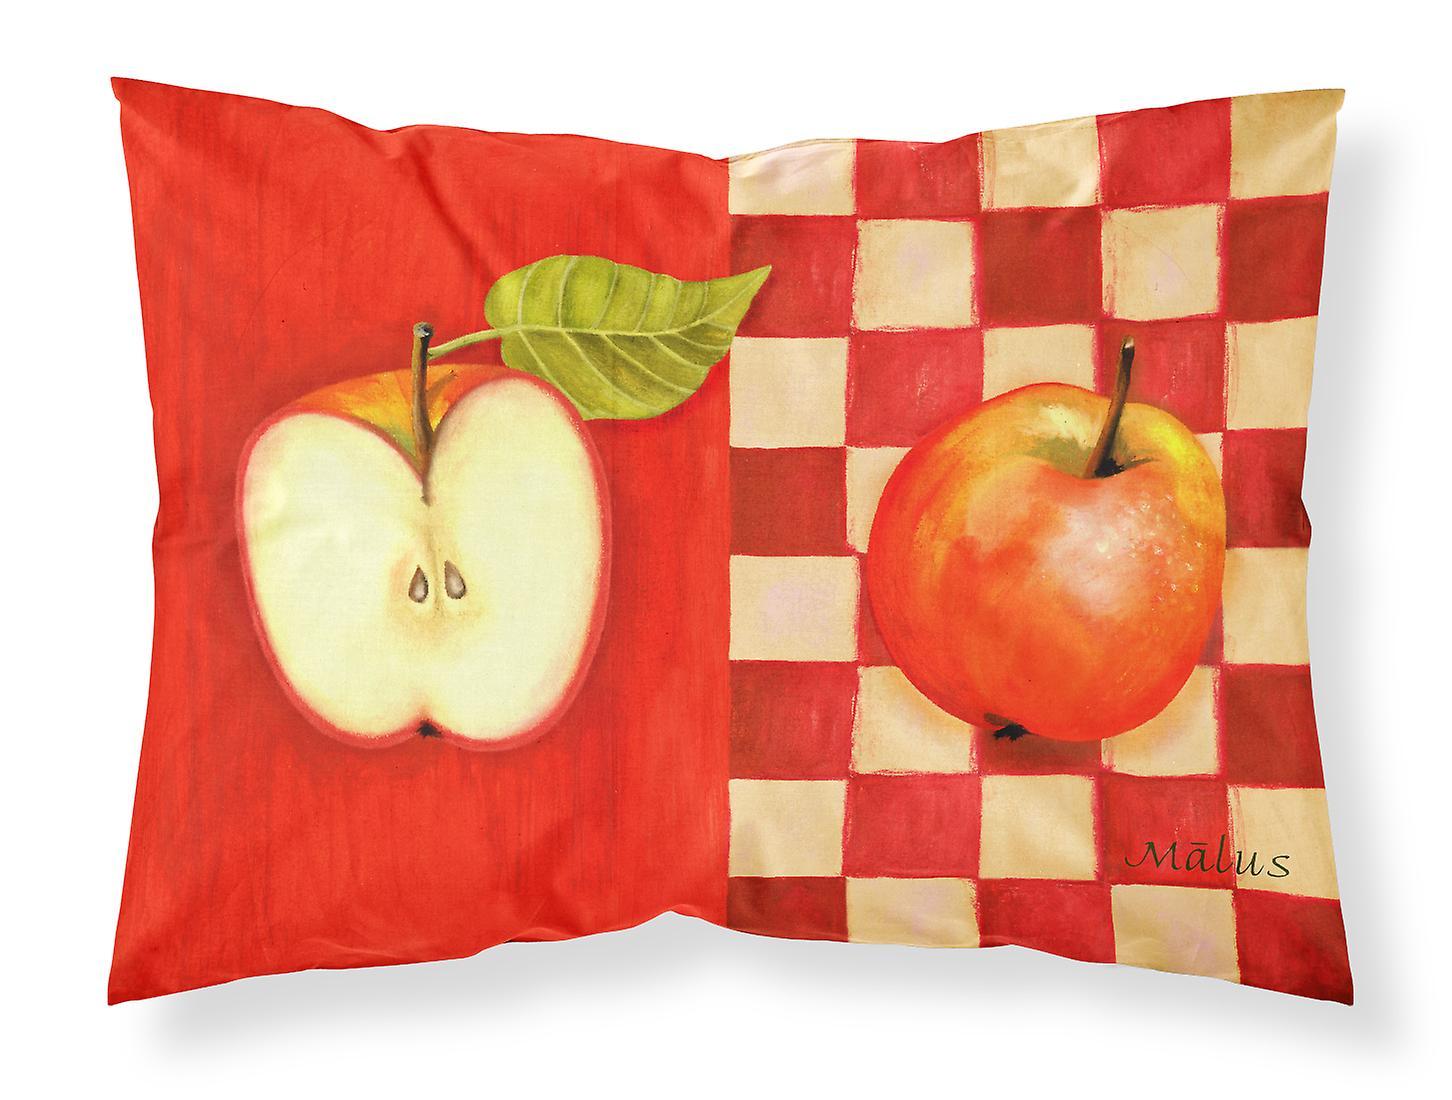 Par Tissu Standard Apple Taie Ute D'oreiller Nuhn xoWBreCd